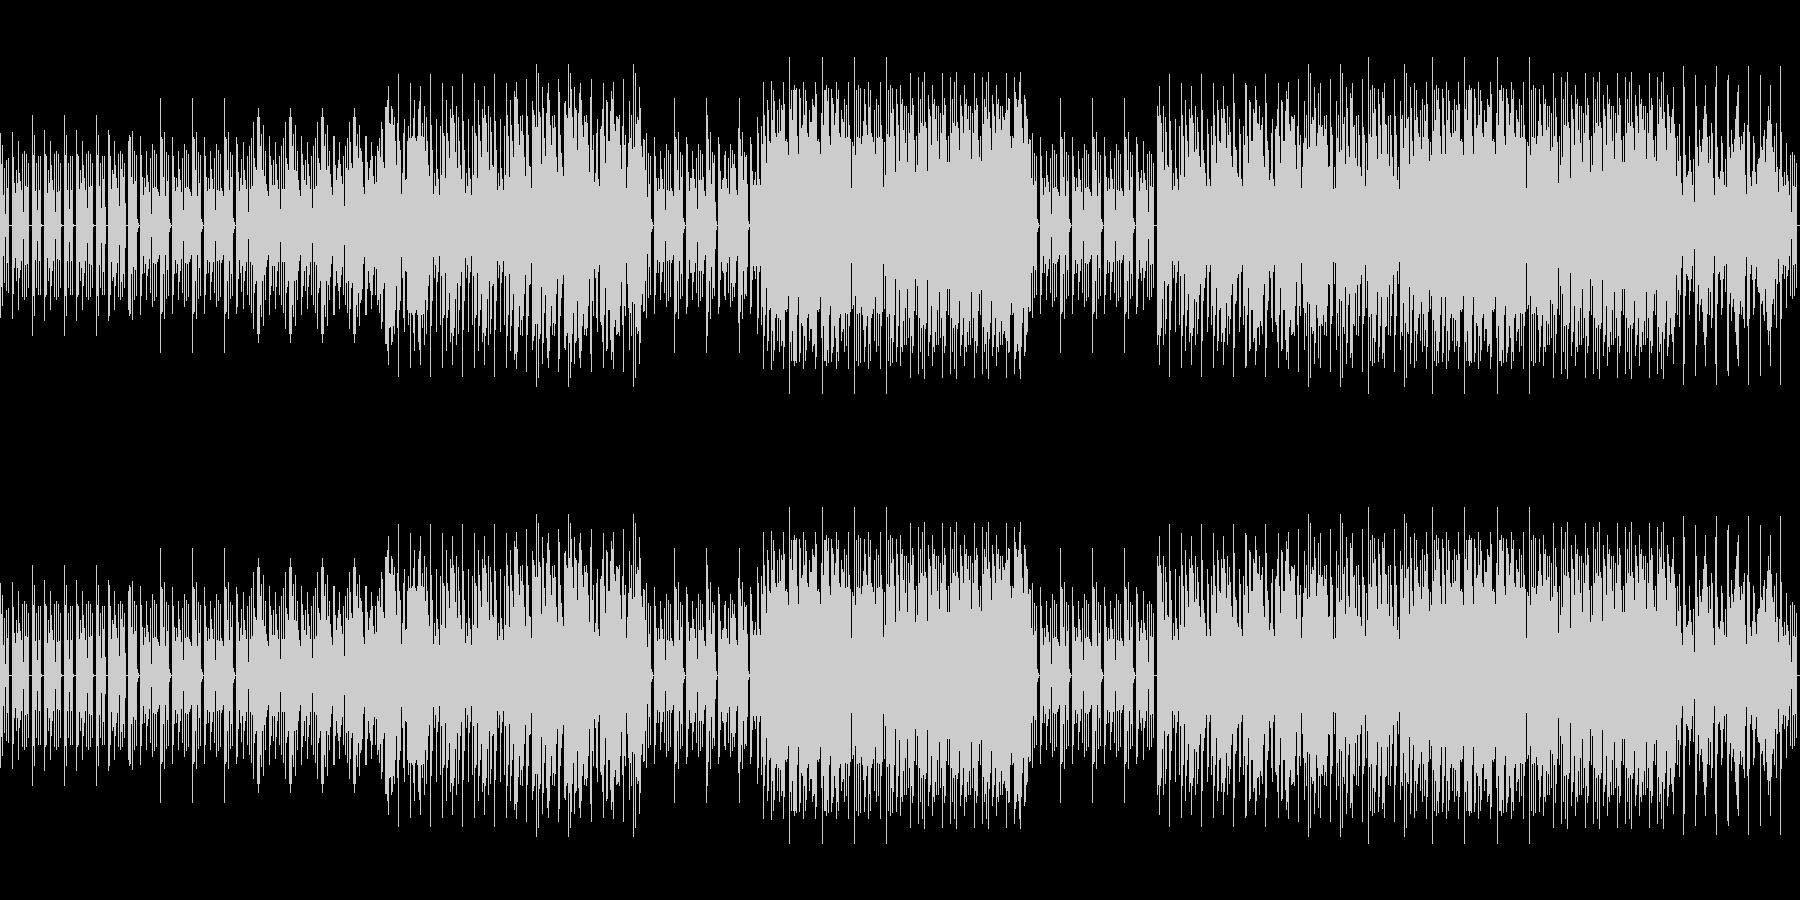 8ビットゲームサウンドBGM 01の未再生の波形